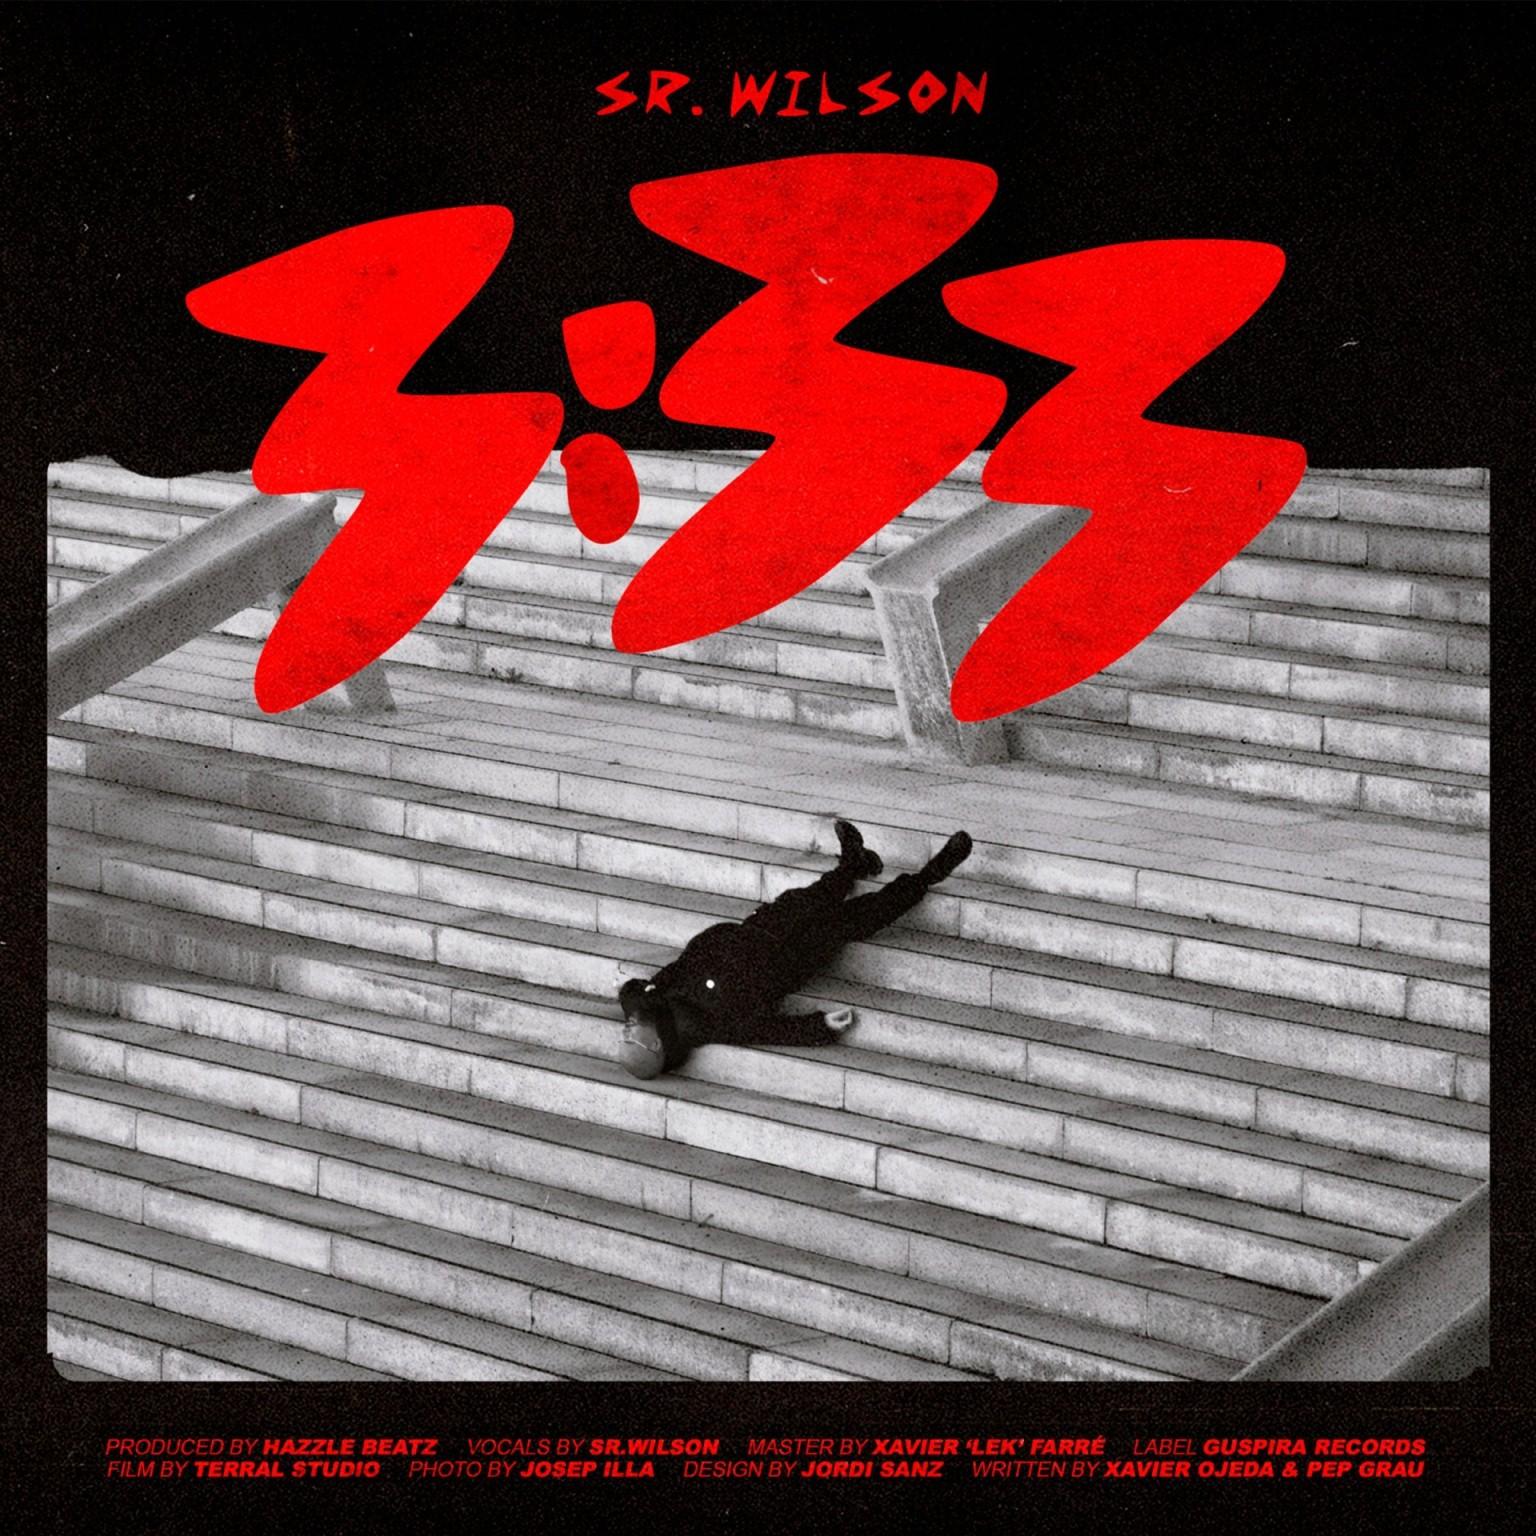 sr. wilson 3.33 (portada) encara més low